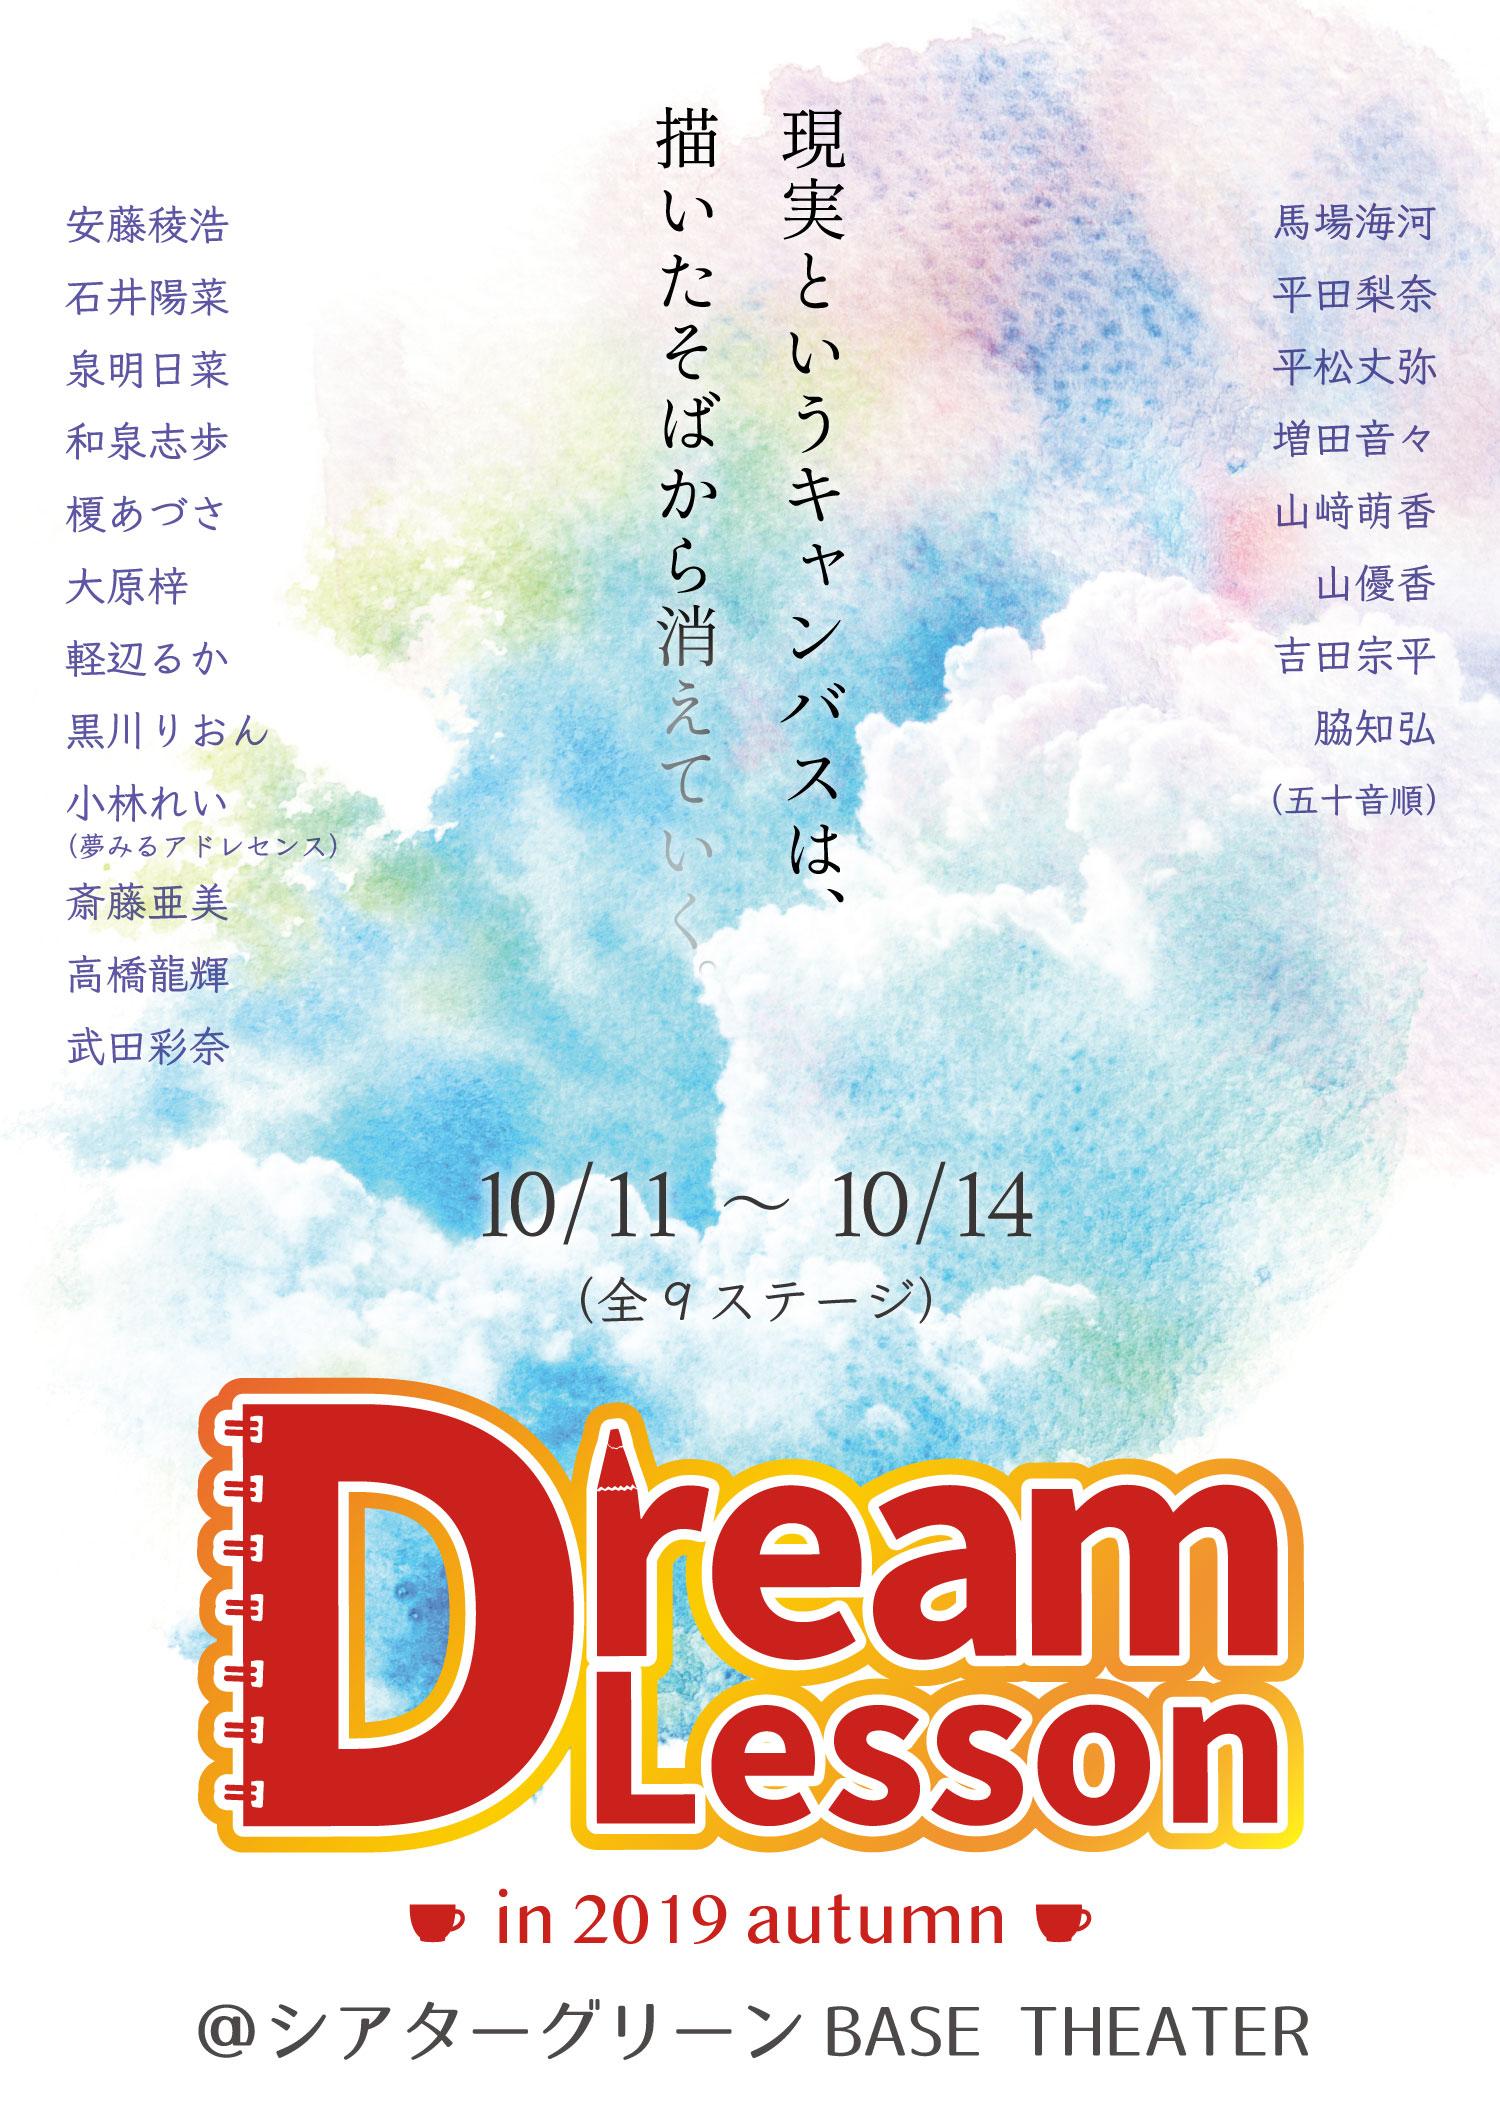 【10月12日 12時】公演 Dream Lesson in2019 autumn